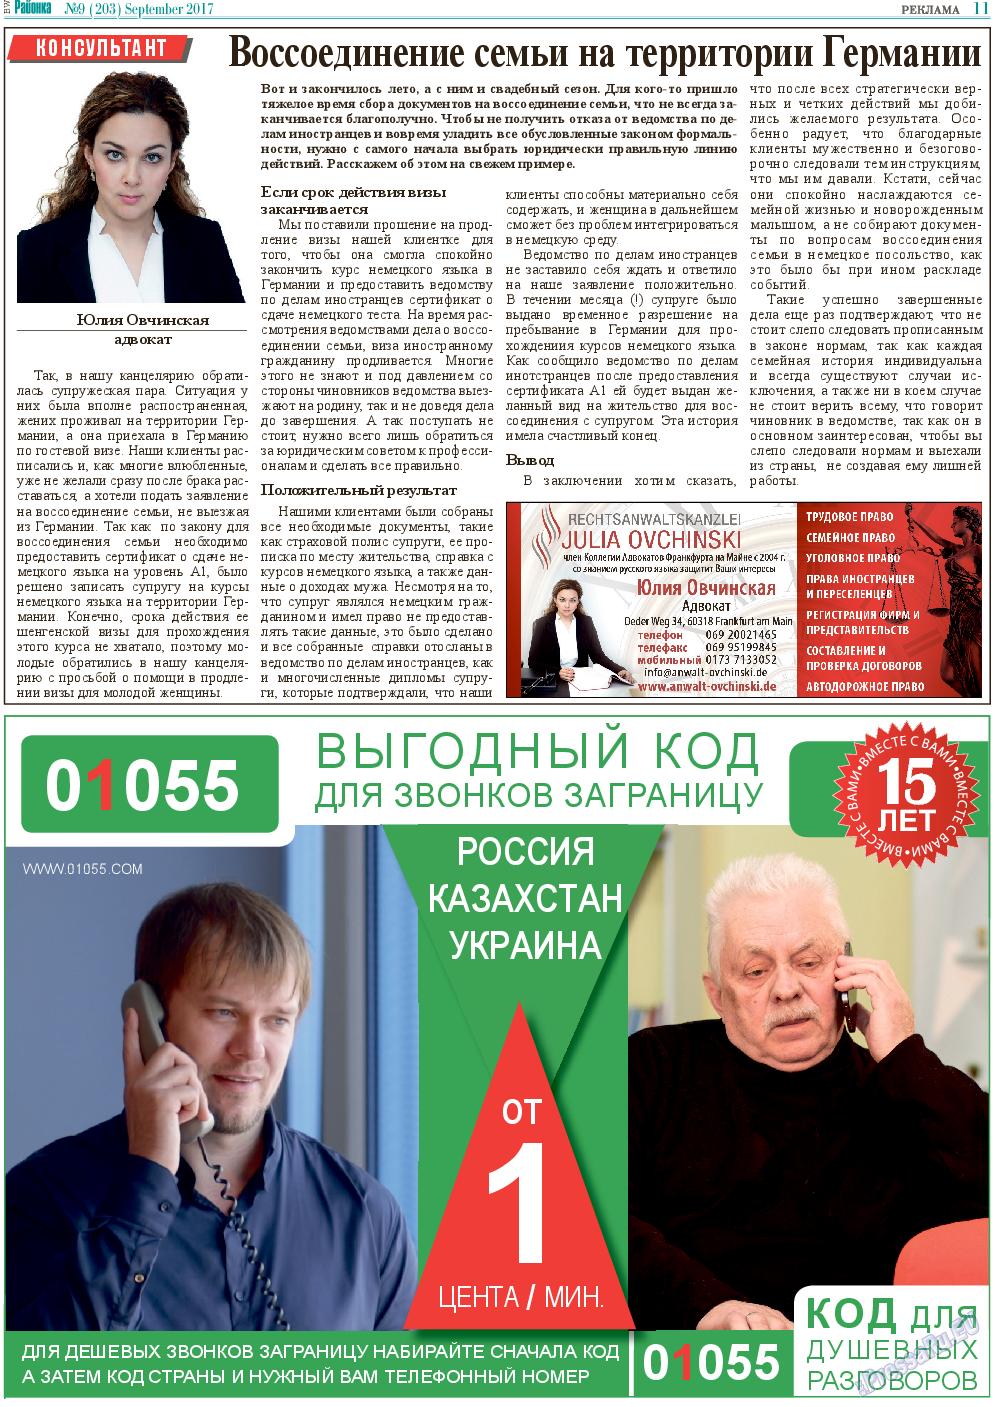 Районка-West (газета). 2017 год, номер 9, стр. 11